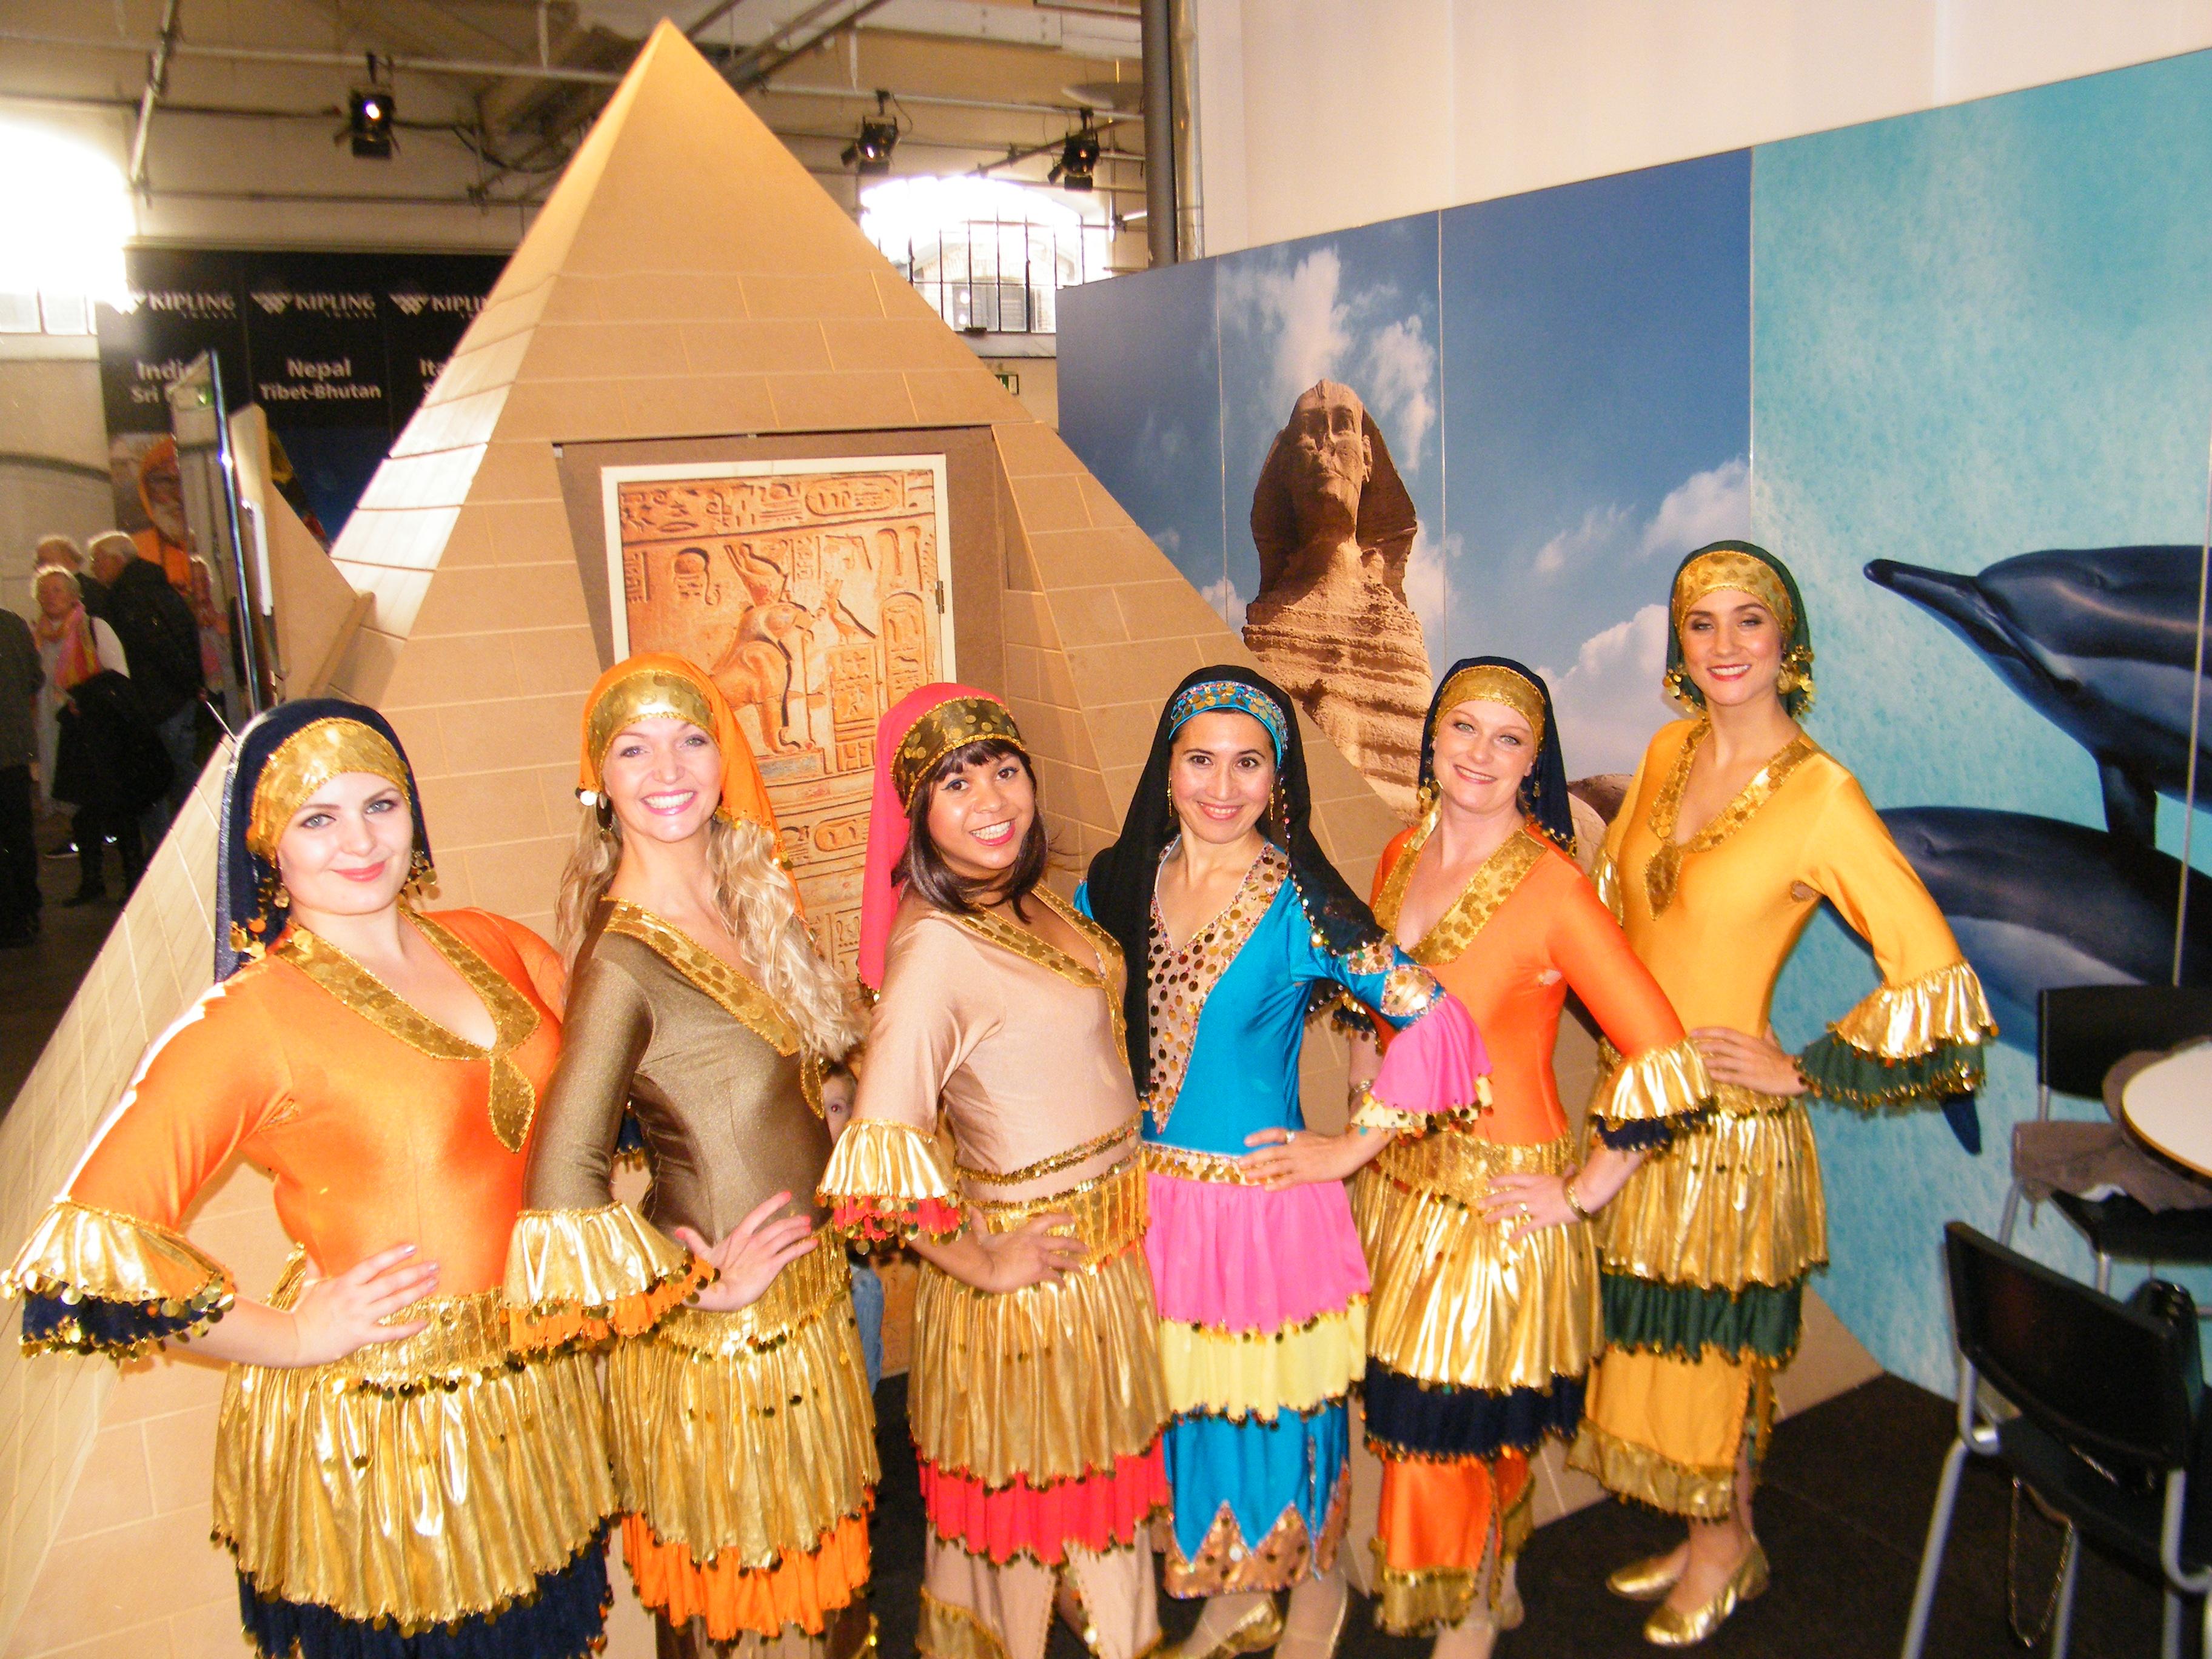 På weekendens Rejsemessen for Kvalitetsrejser stod navnlig den egyptiske stand for farverig underholdning med det danske danseensemble Shames el Amar, der på arabisk betyder Sol og Måne. Alle fotos: Henrik Baumgarten